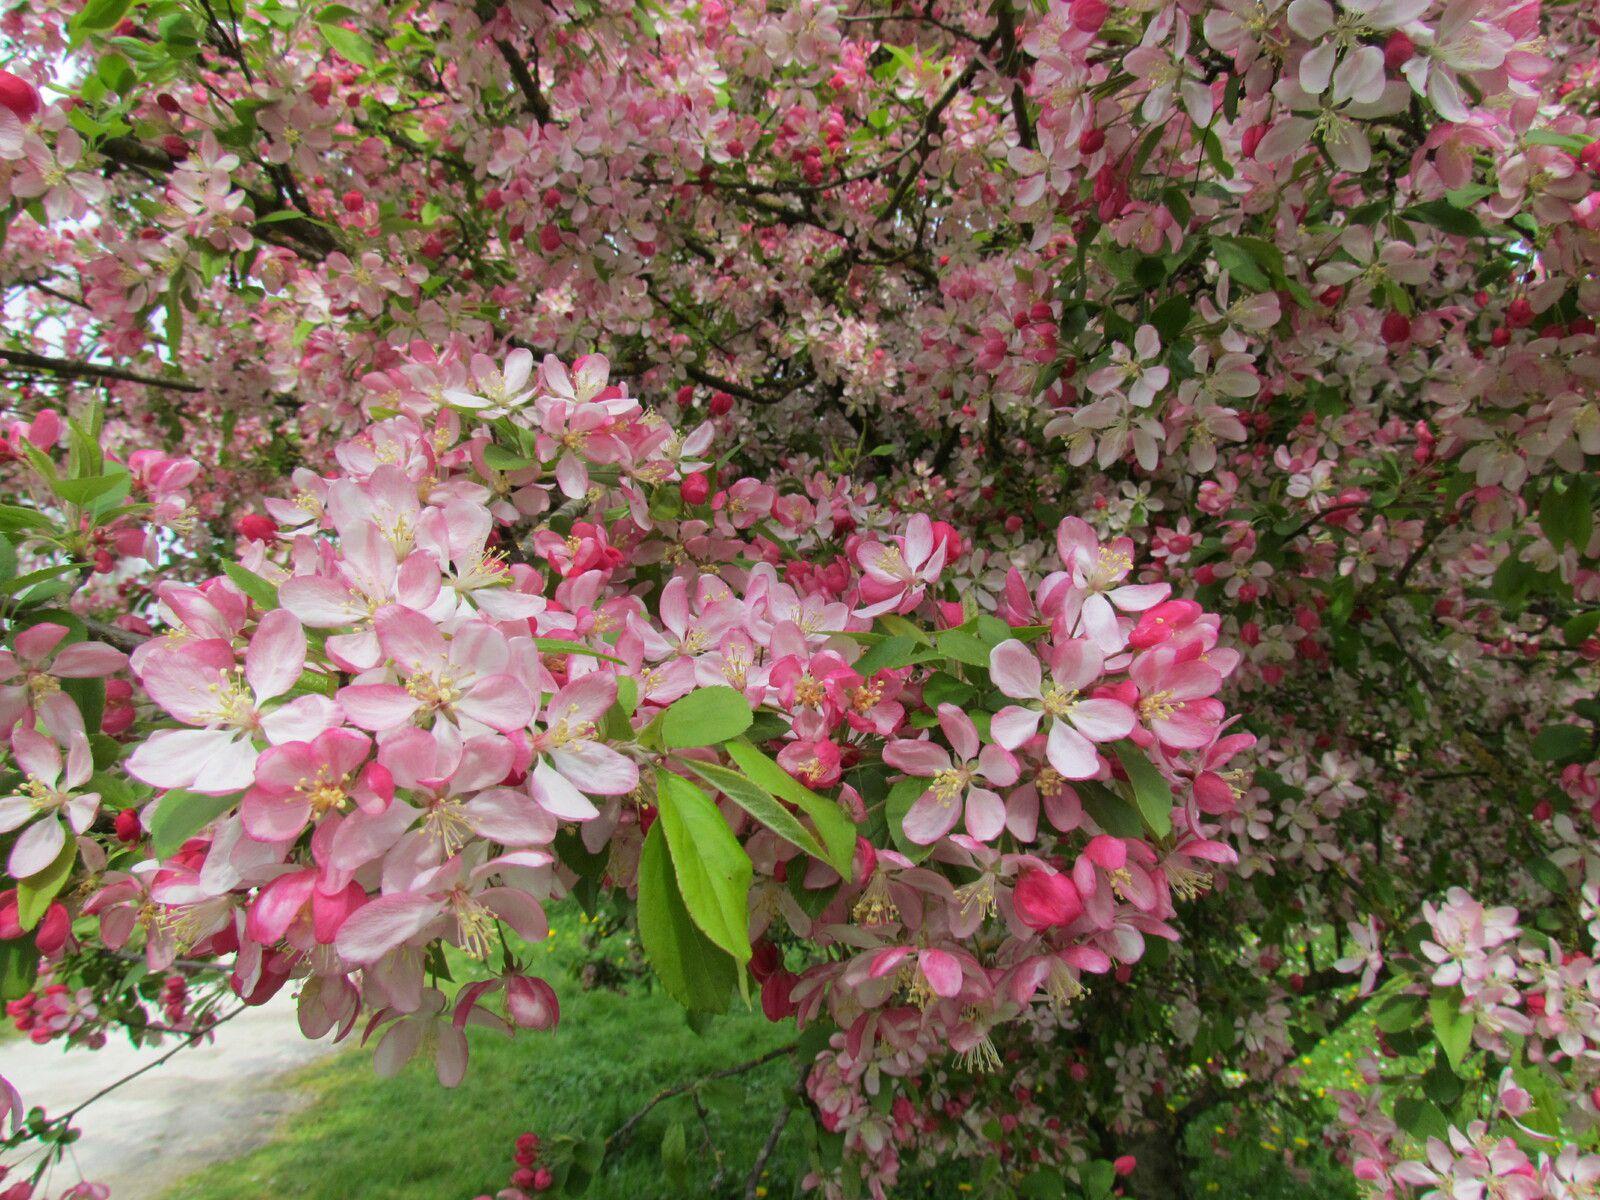 Jour de la Terre: la nature s'éveille, pommiers sauvages en fleurs dans la Pâture (Région)